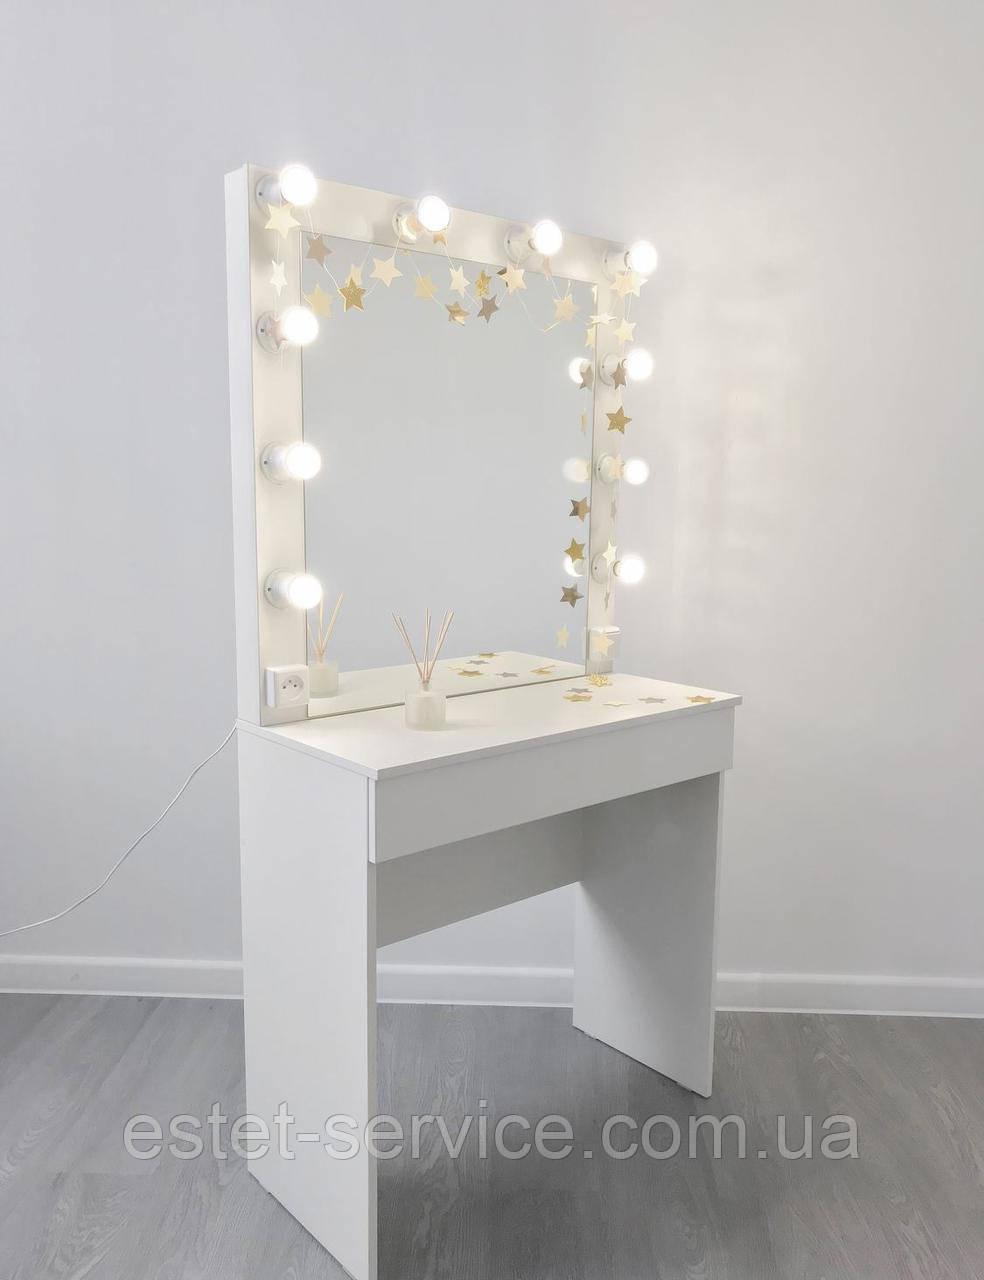 Гримерный стол визажиста на одну шухляду без ручек